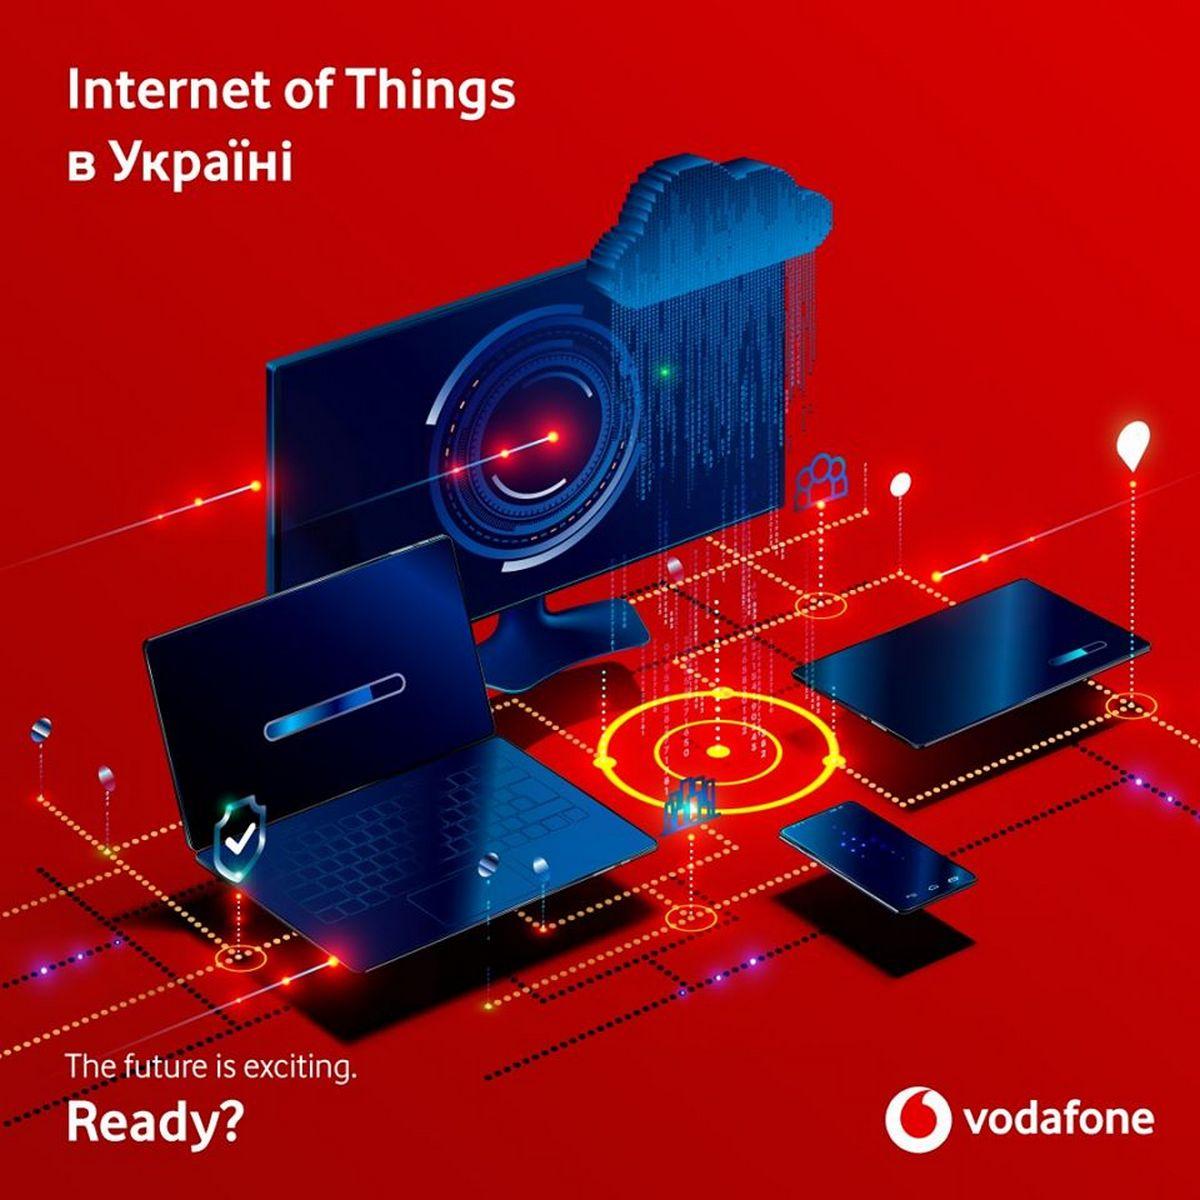 Vodafone: За два роки база IoT-клієнтів виросла на 73%, а кількість нових IoT-карт - вдвічі (найбільш активні сфери - охорона, логістика, торгівля) - ITC.ua